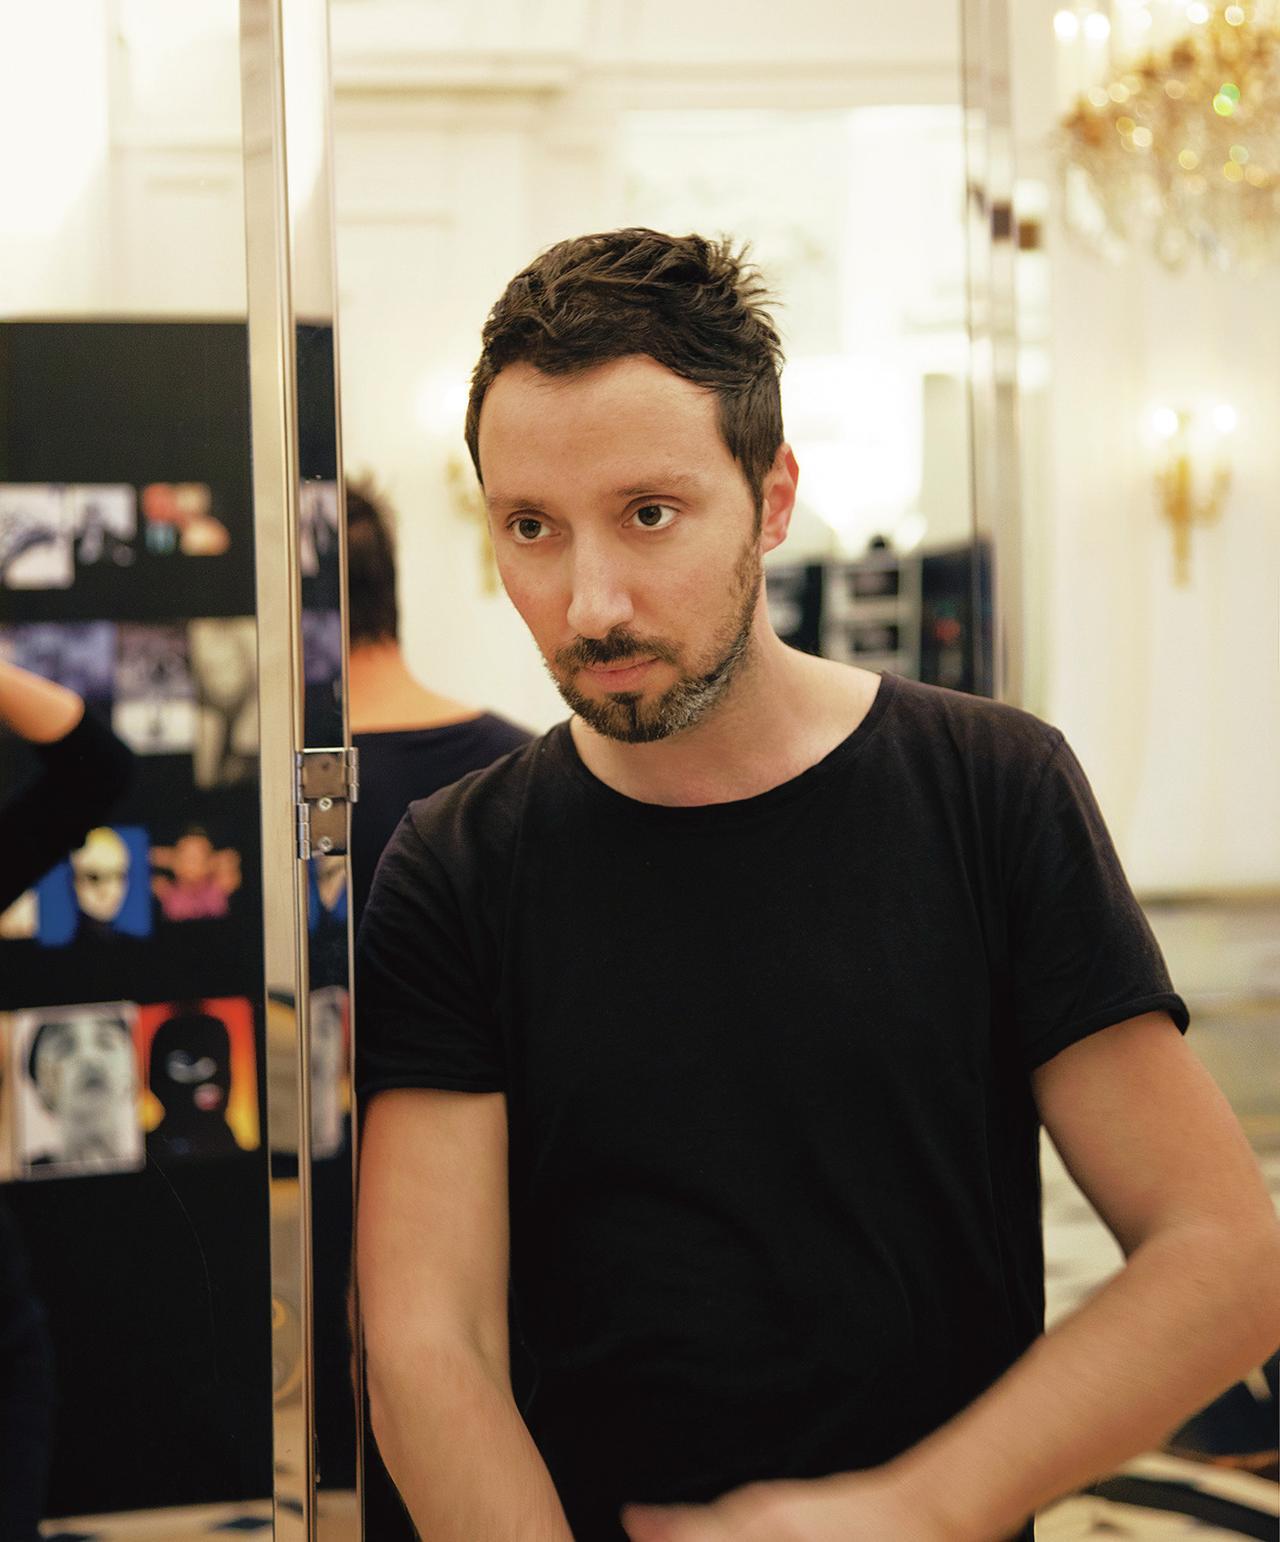 Images : 1番目の画像 - 「サンローランの 新クリエイティブ・ディレクター メゾンについて語る」のアルバム - T JAPAN:The New York Times Style Magazine 公式サイト